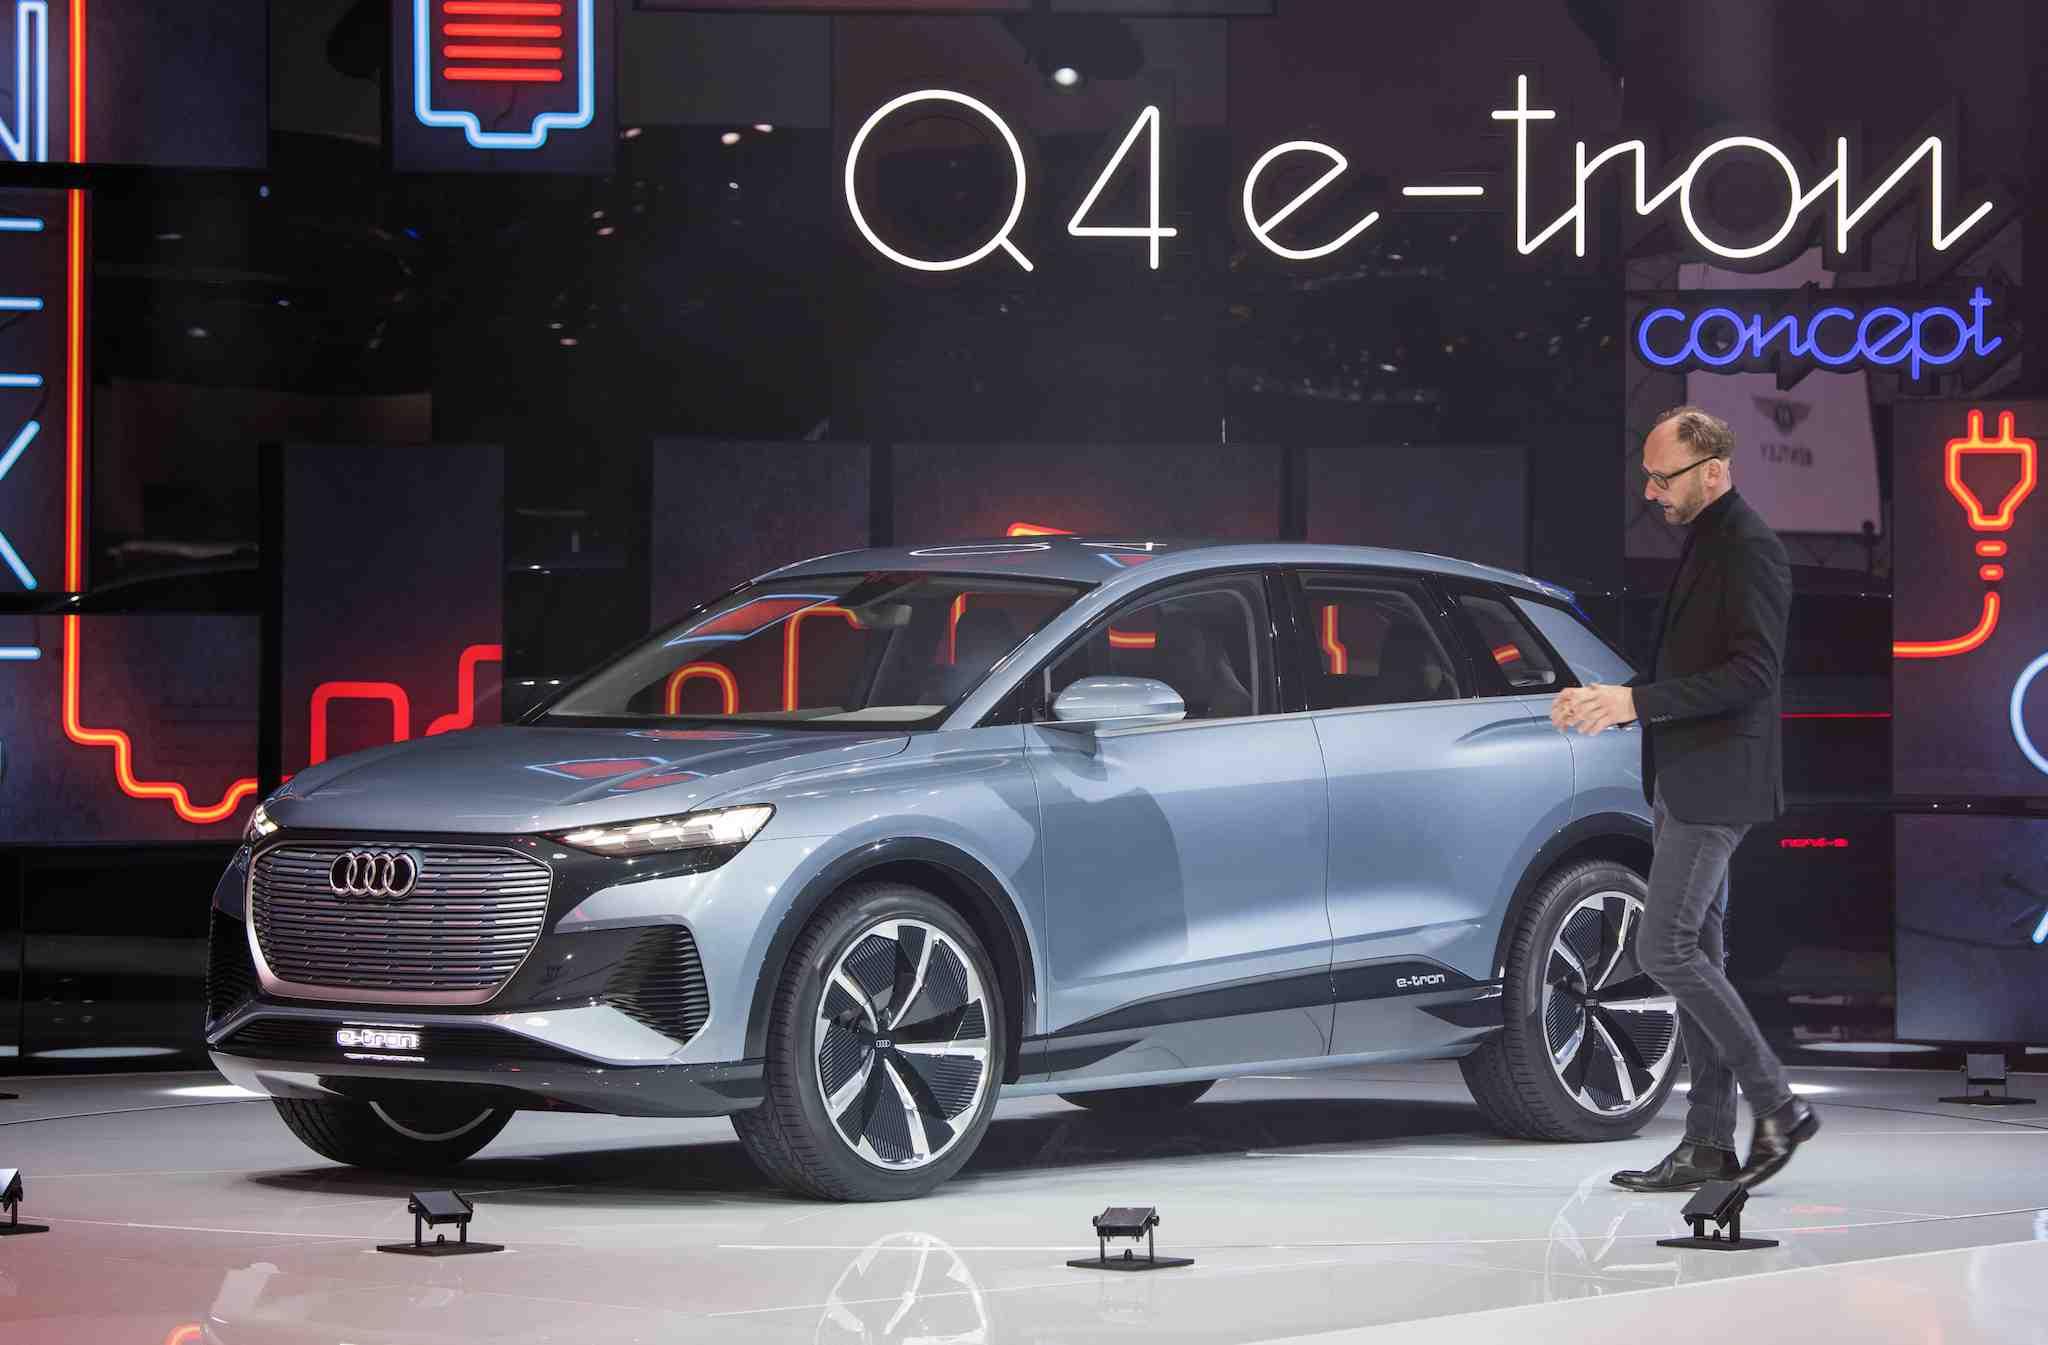 Elbilen Audi Q4 e-tron blir en riktig volum-modell ...